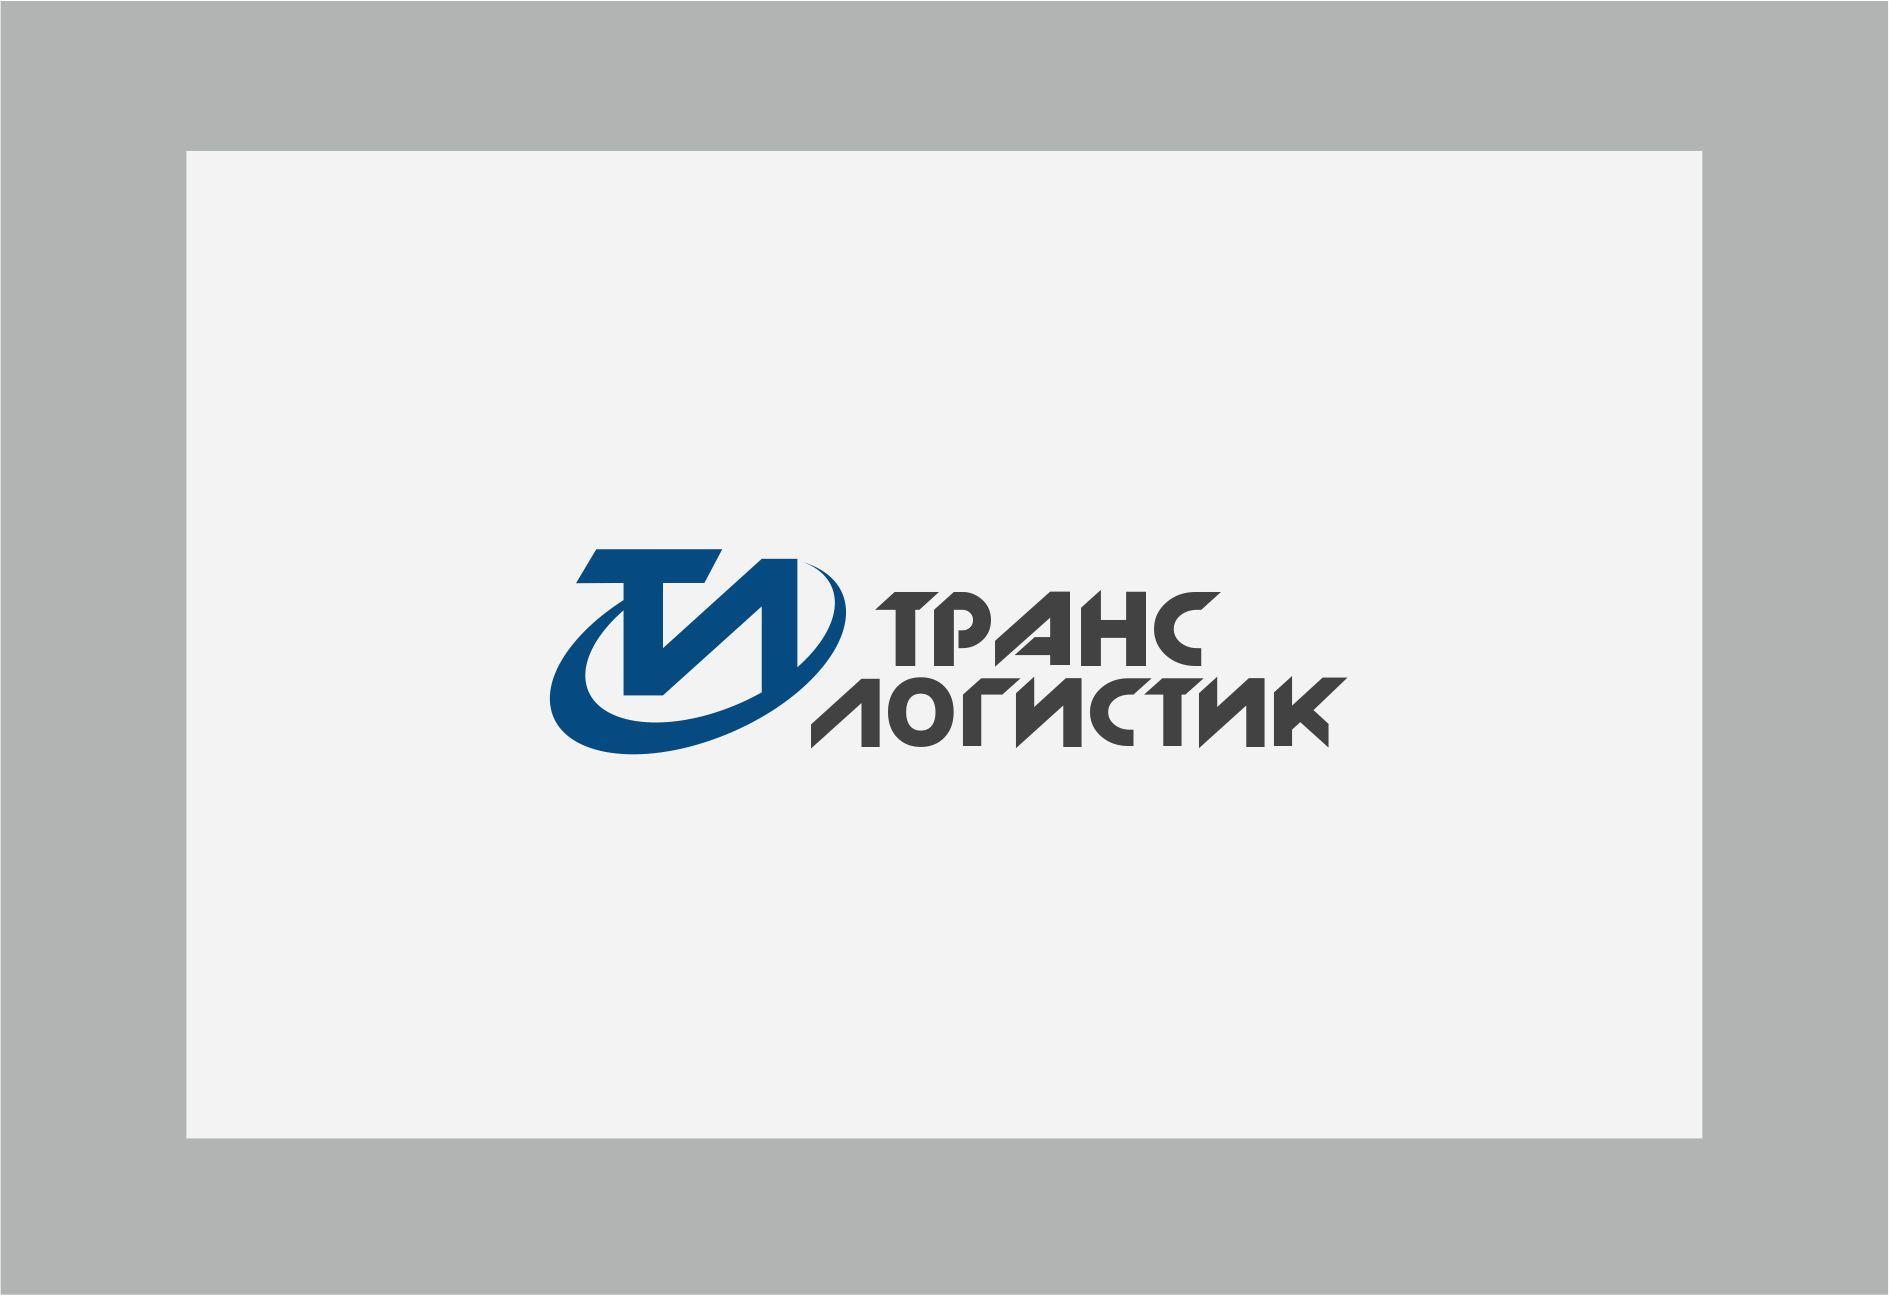 Логотип и визитка для транспортной компании - дизайнер dbyjuhfl